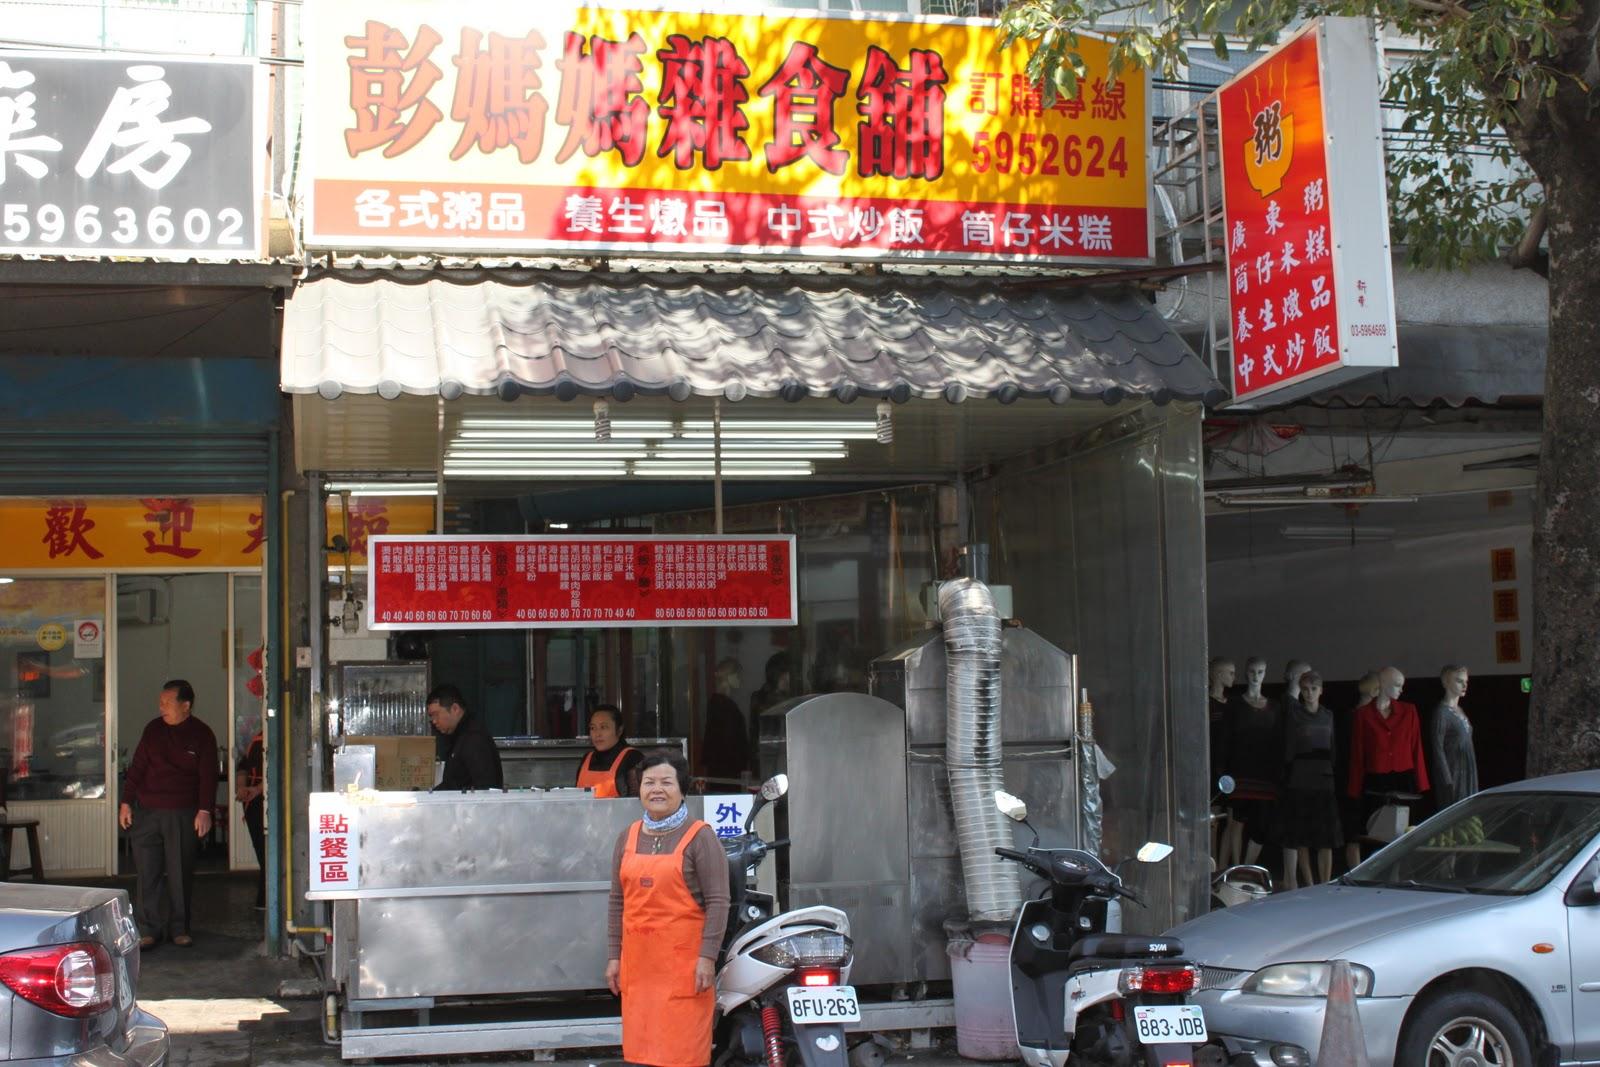 新竹縣竹東鎮火車站形象商圈: 吃在竹東